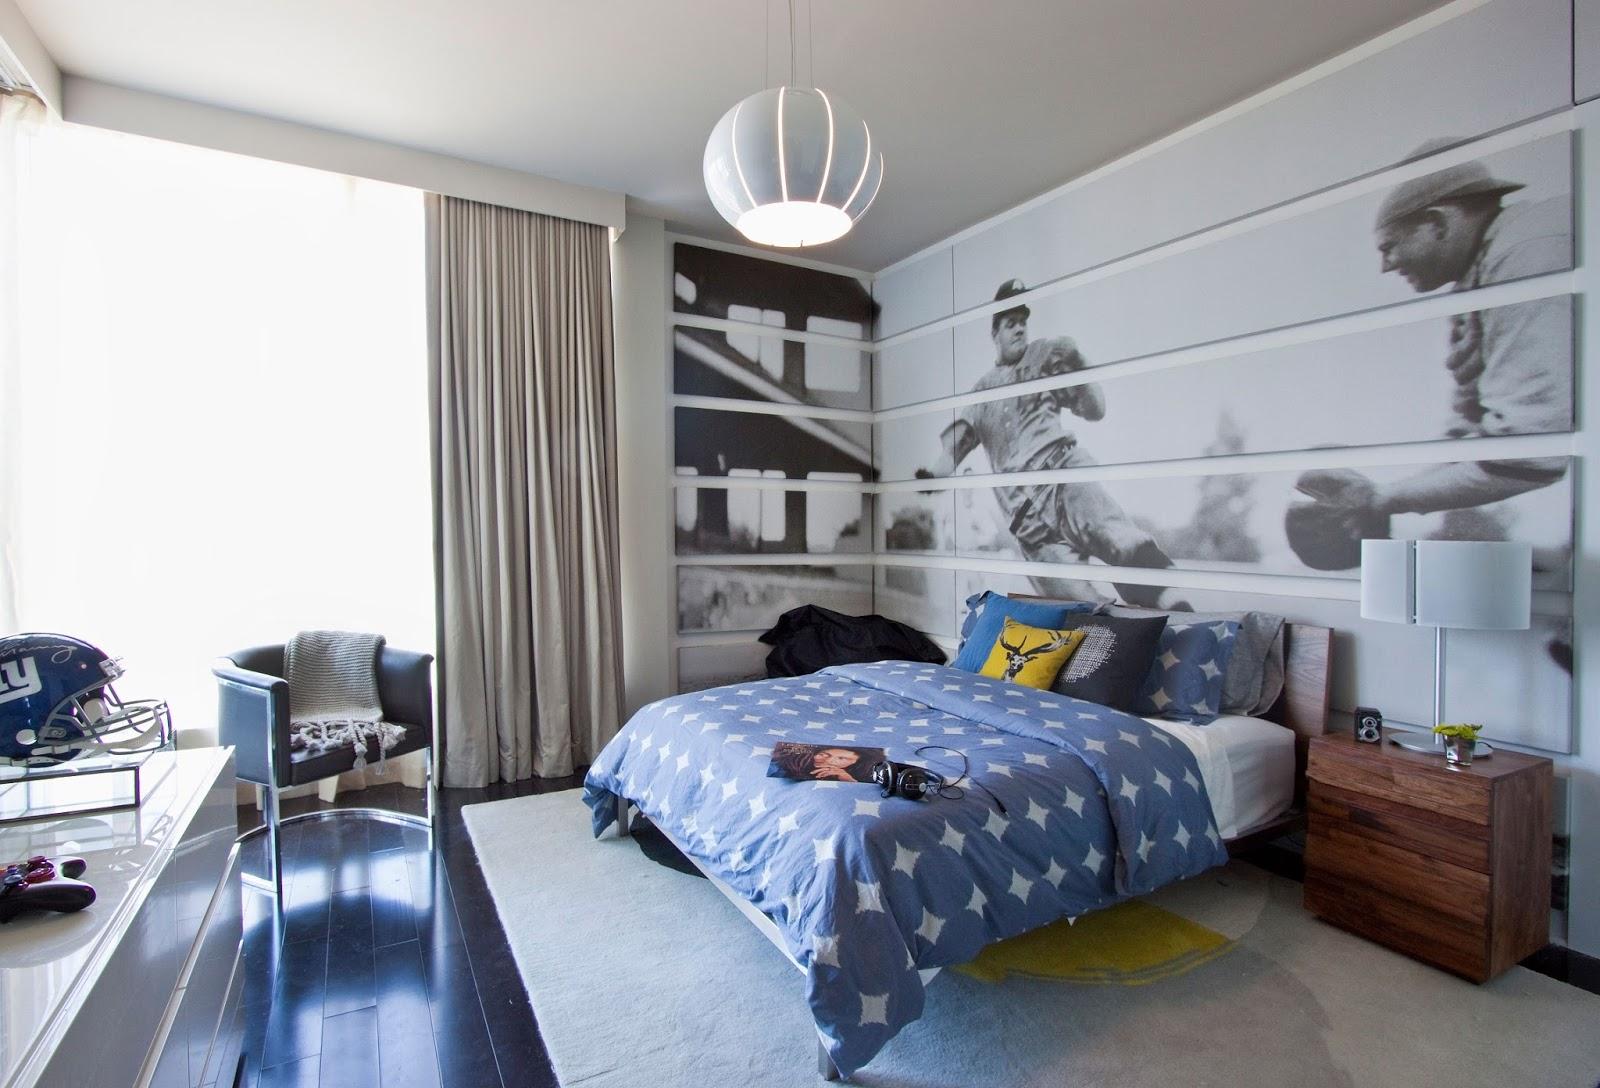 Decoraci n de cuartos dormitorios paredes cortinas - Decoracion de paredes de habitacion ...